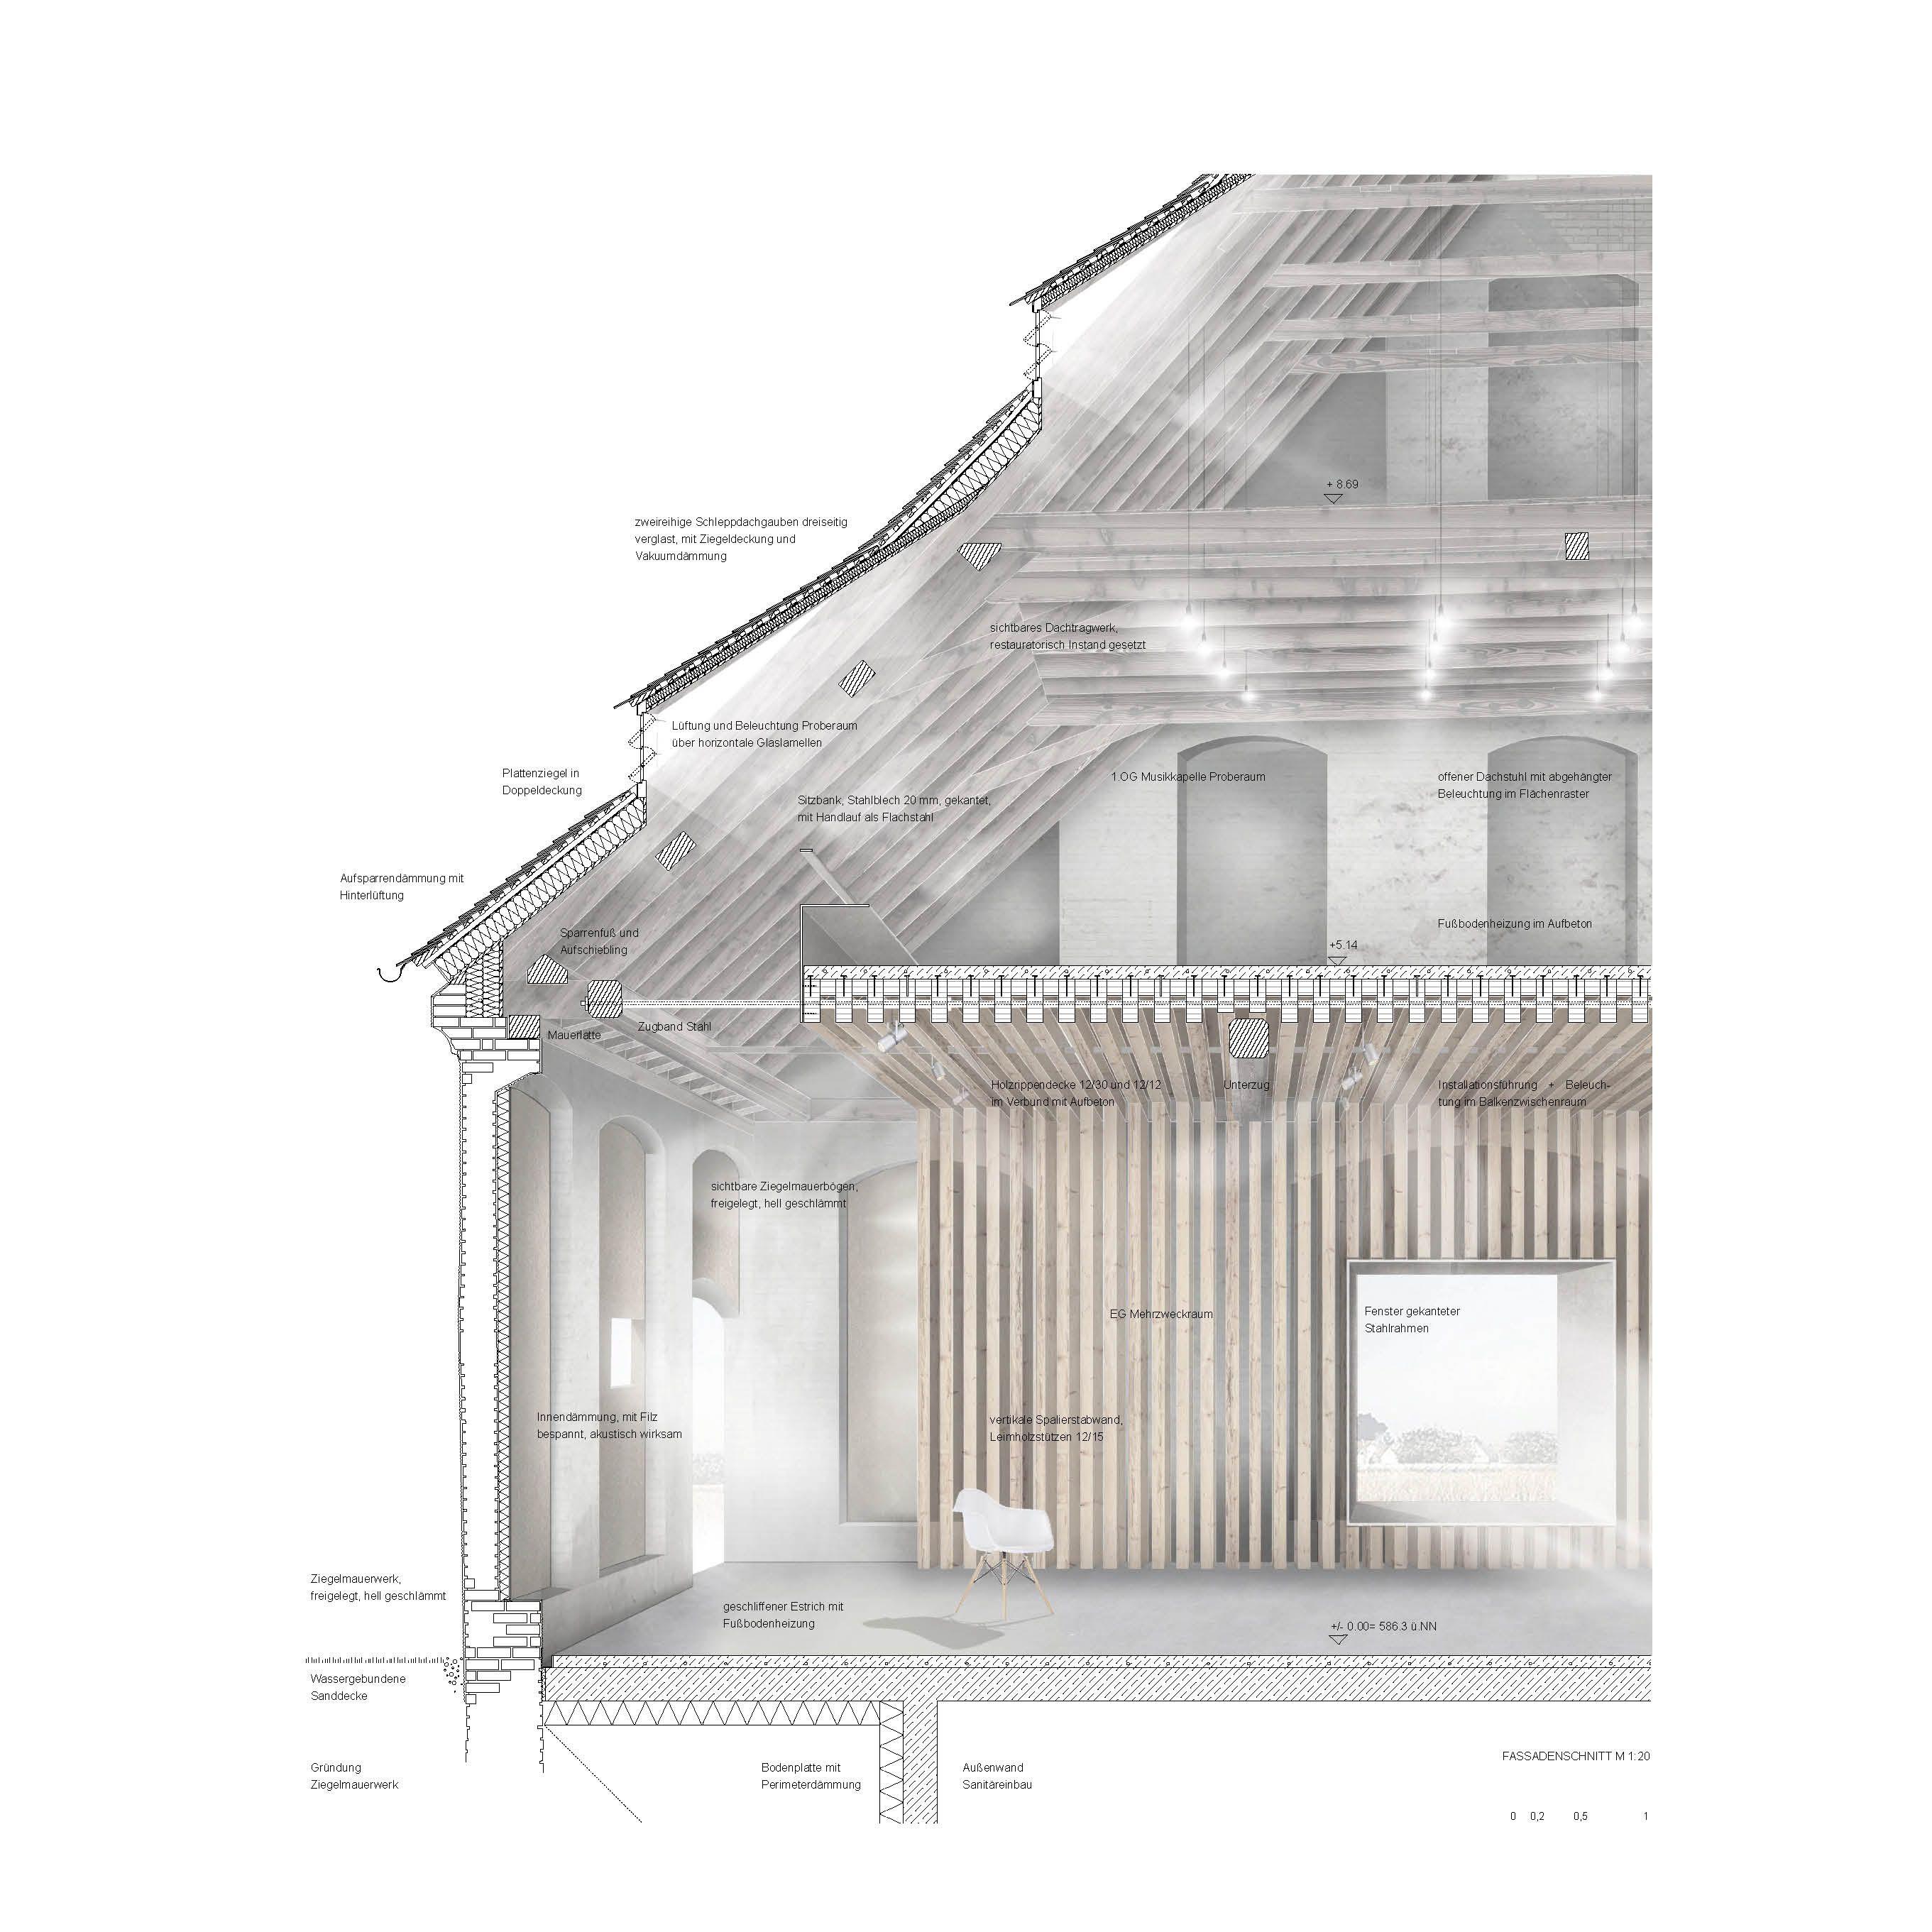 Bembã Dellinger Architekten